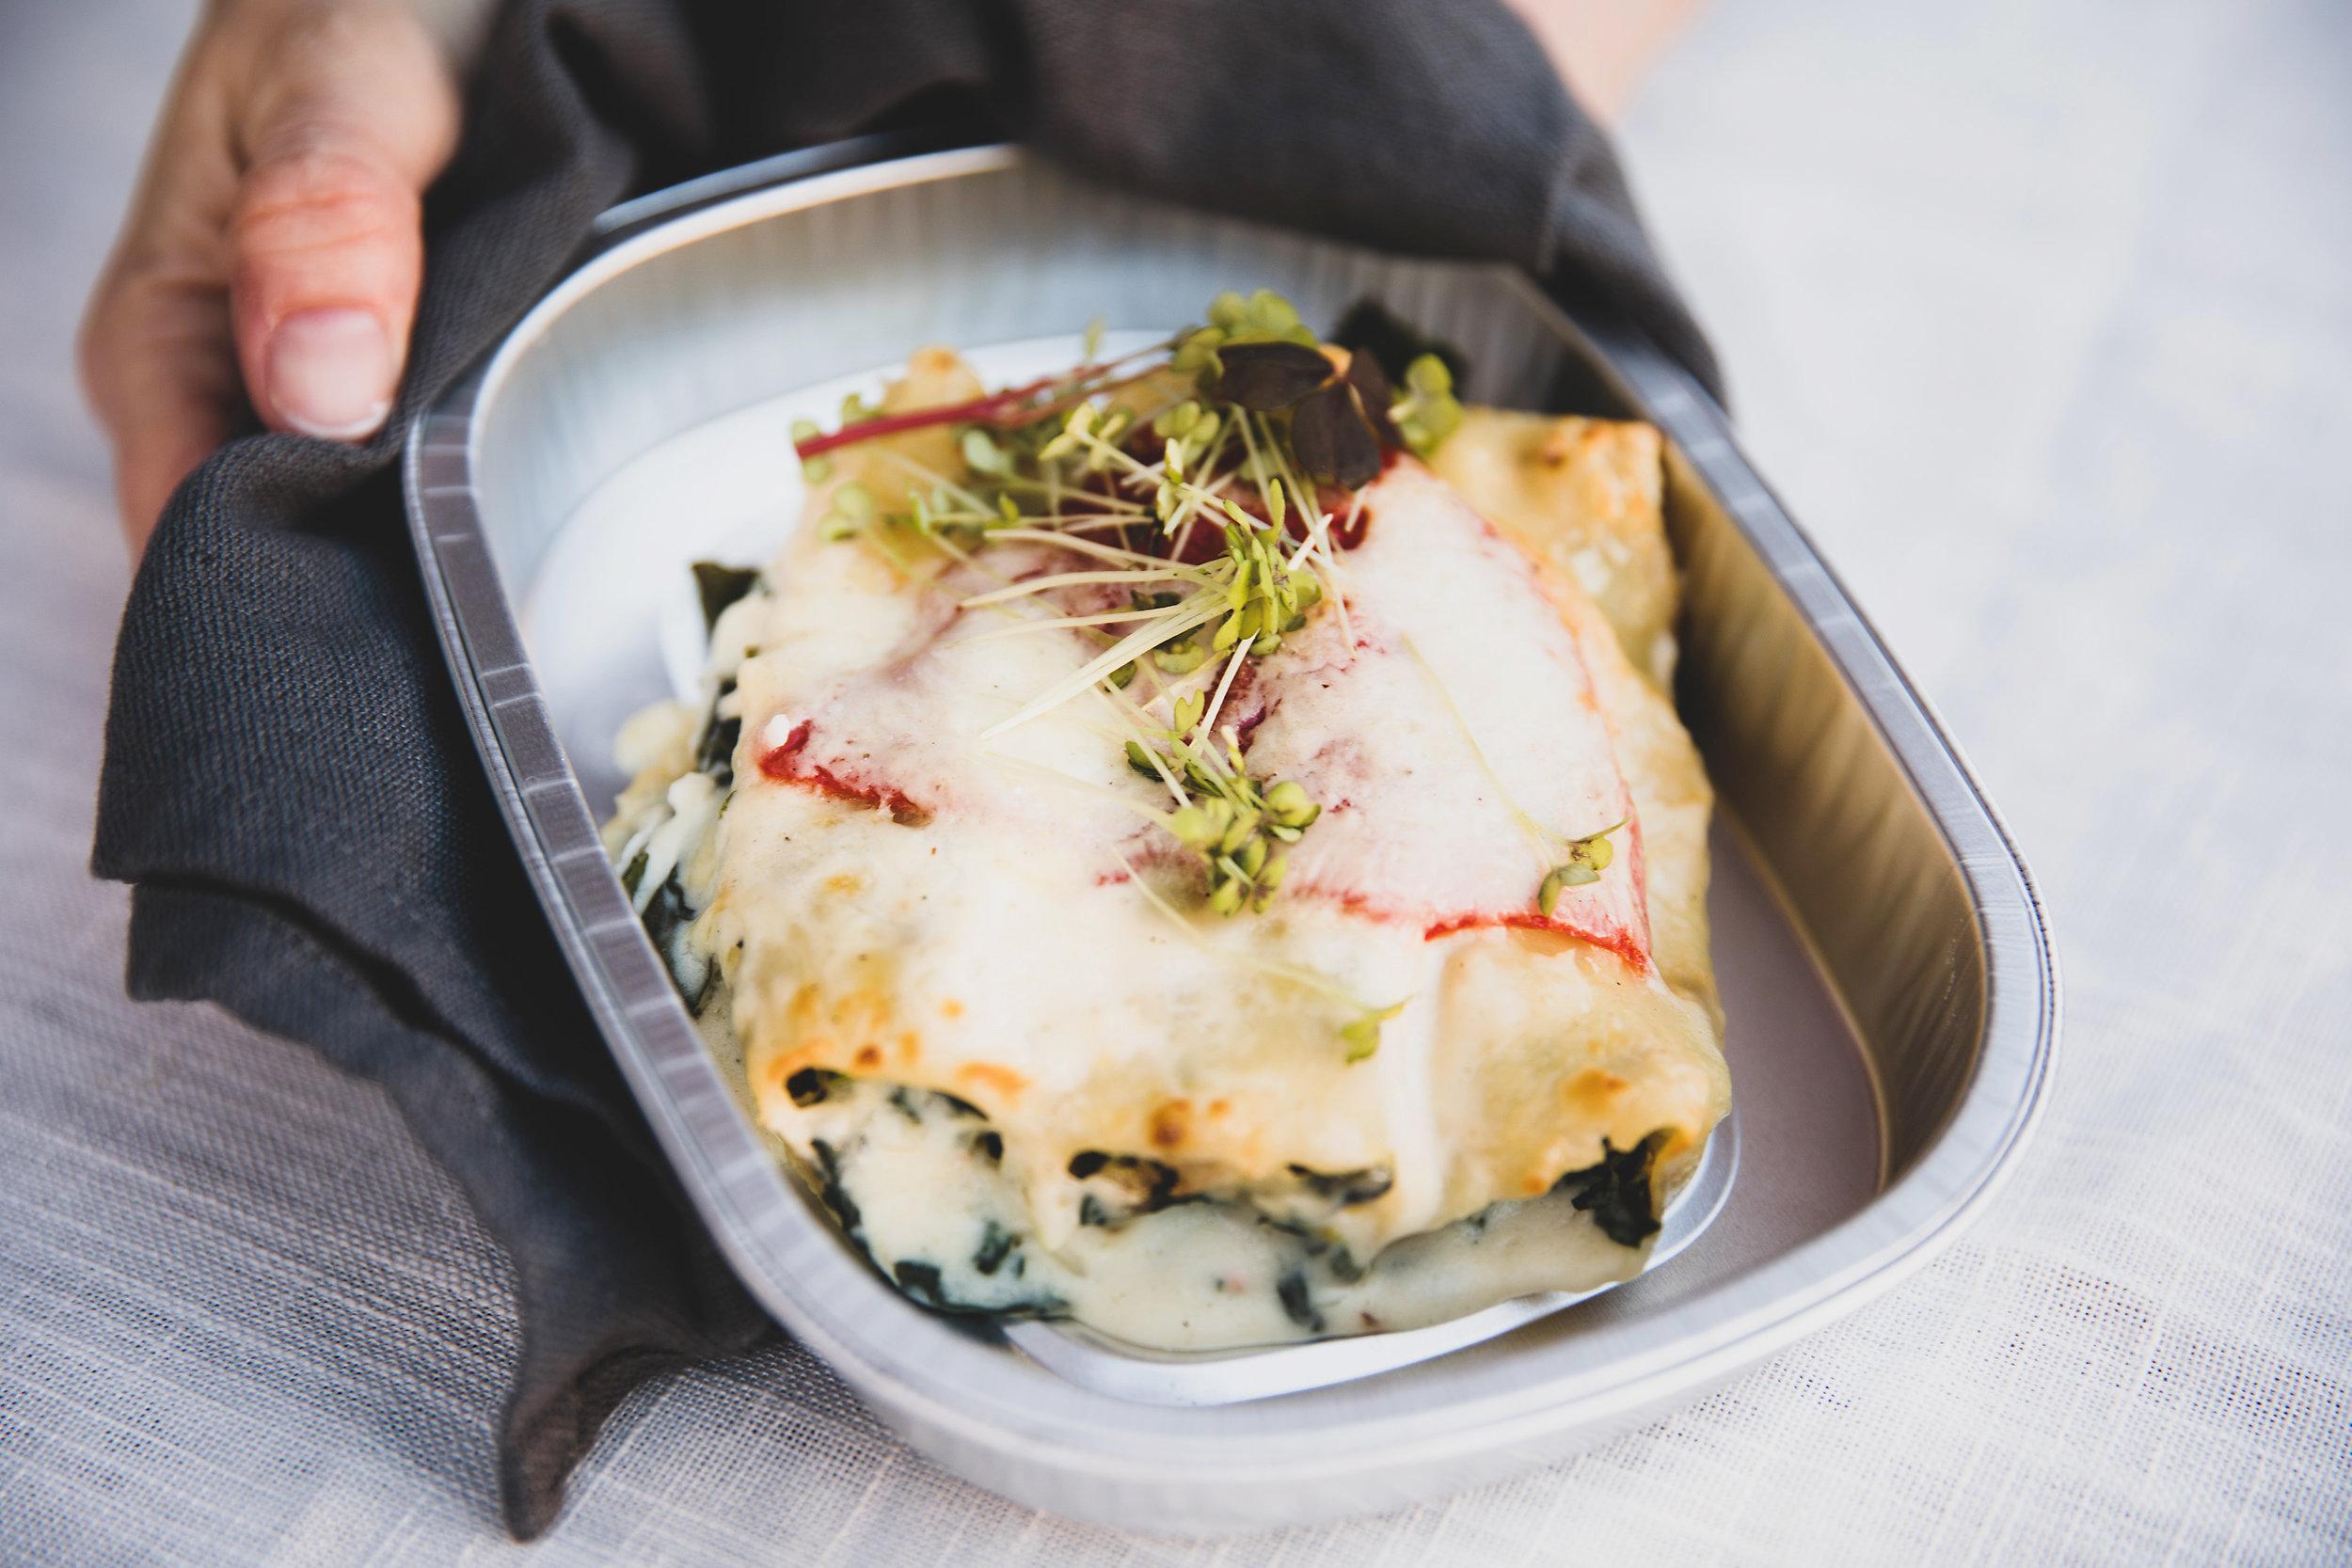 Canneloni - Fylt med fisk, spinat, løk og ristet paprika som gratineres med en kremete ostesaus.79 kr/per pers